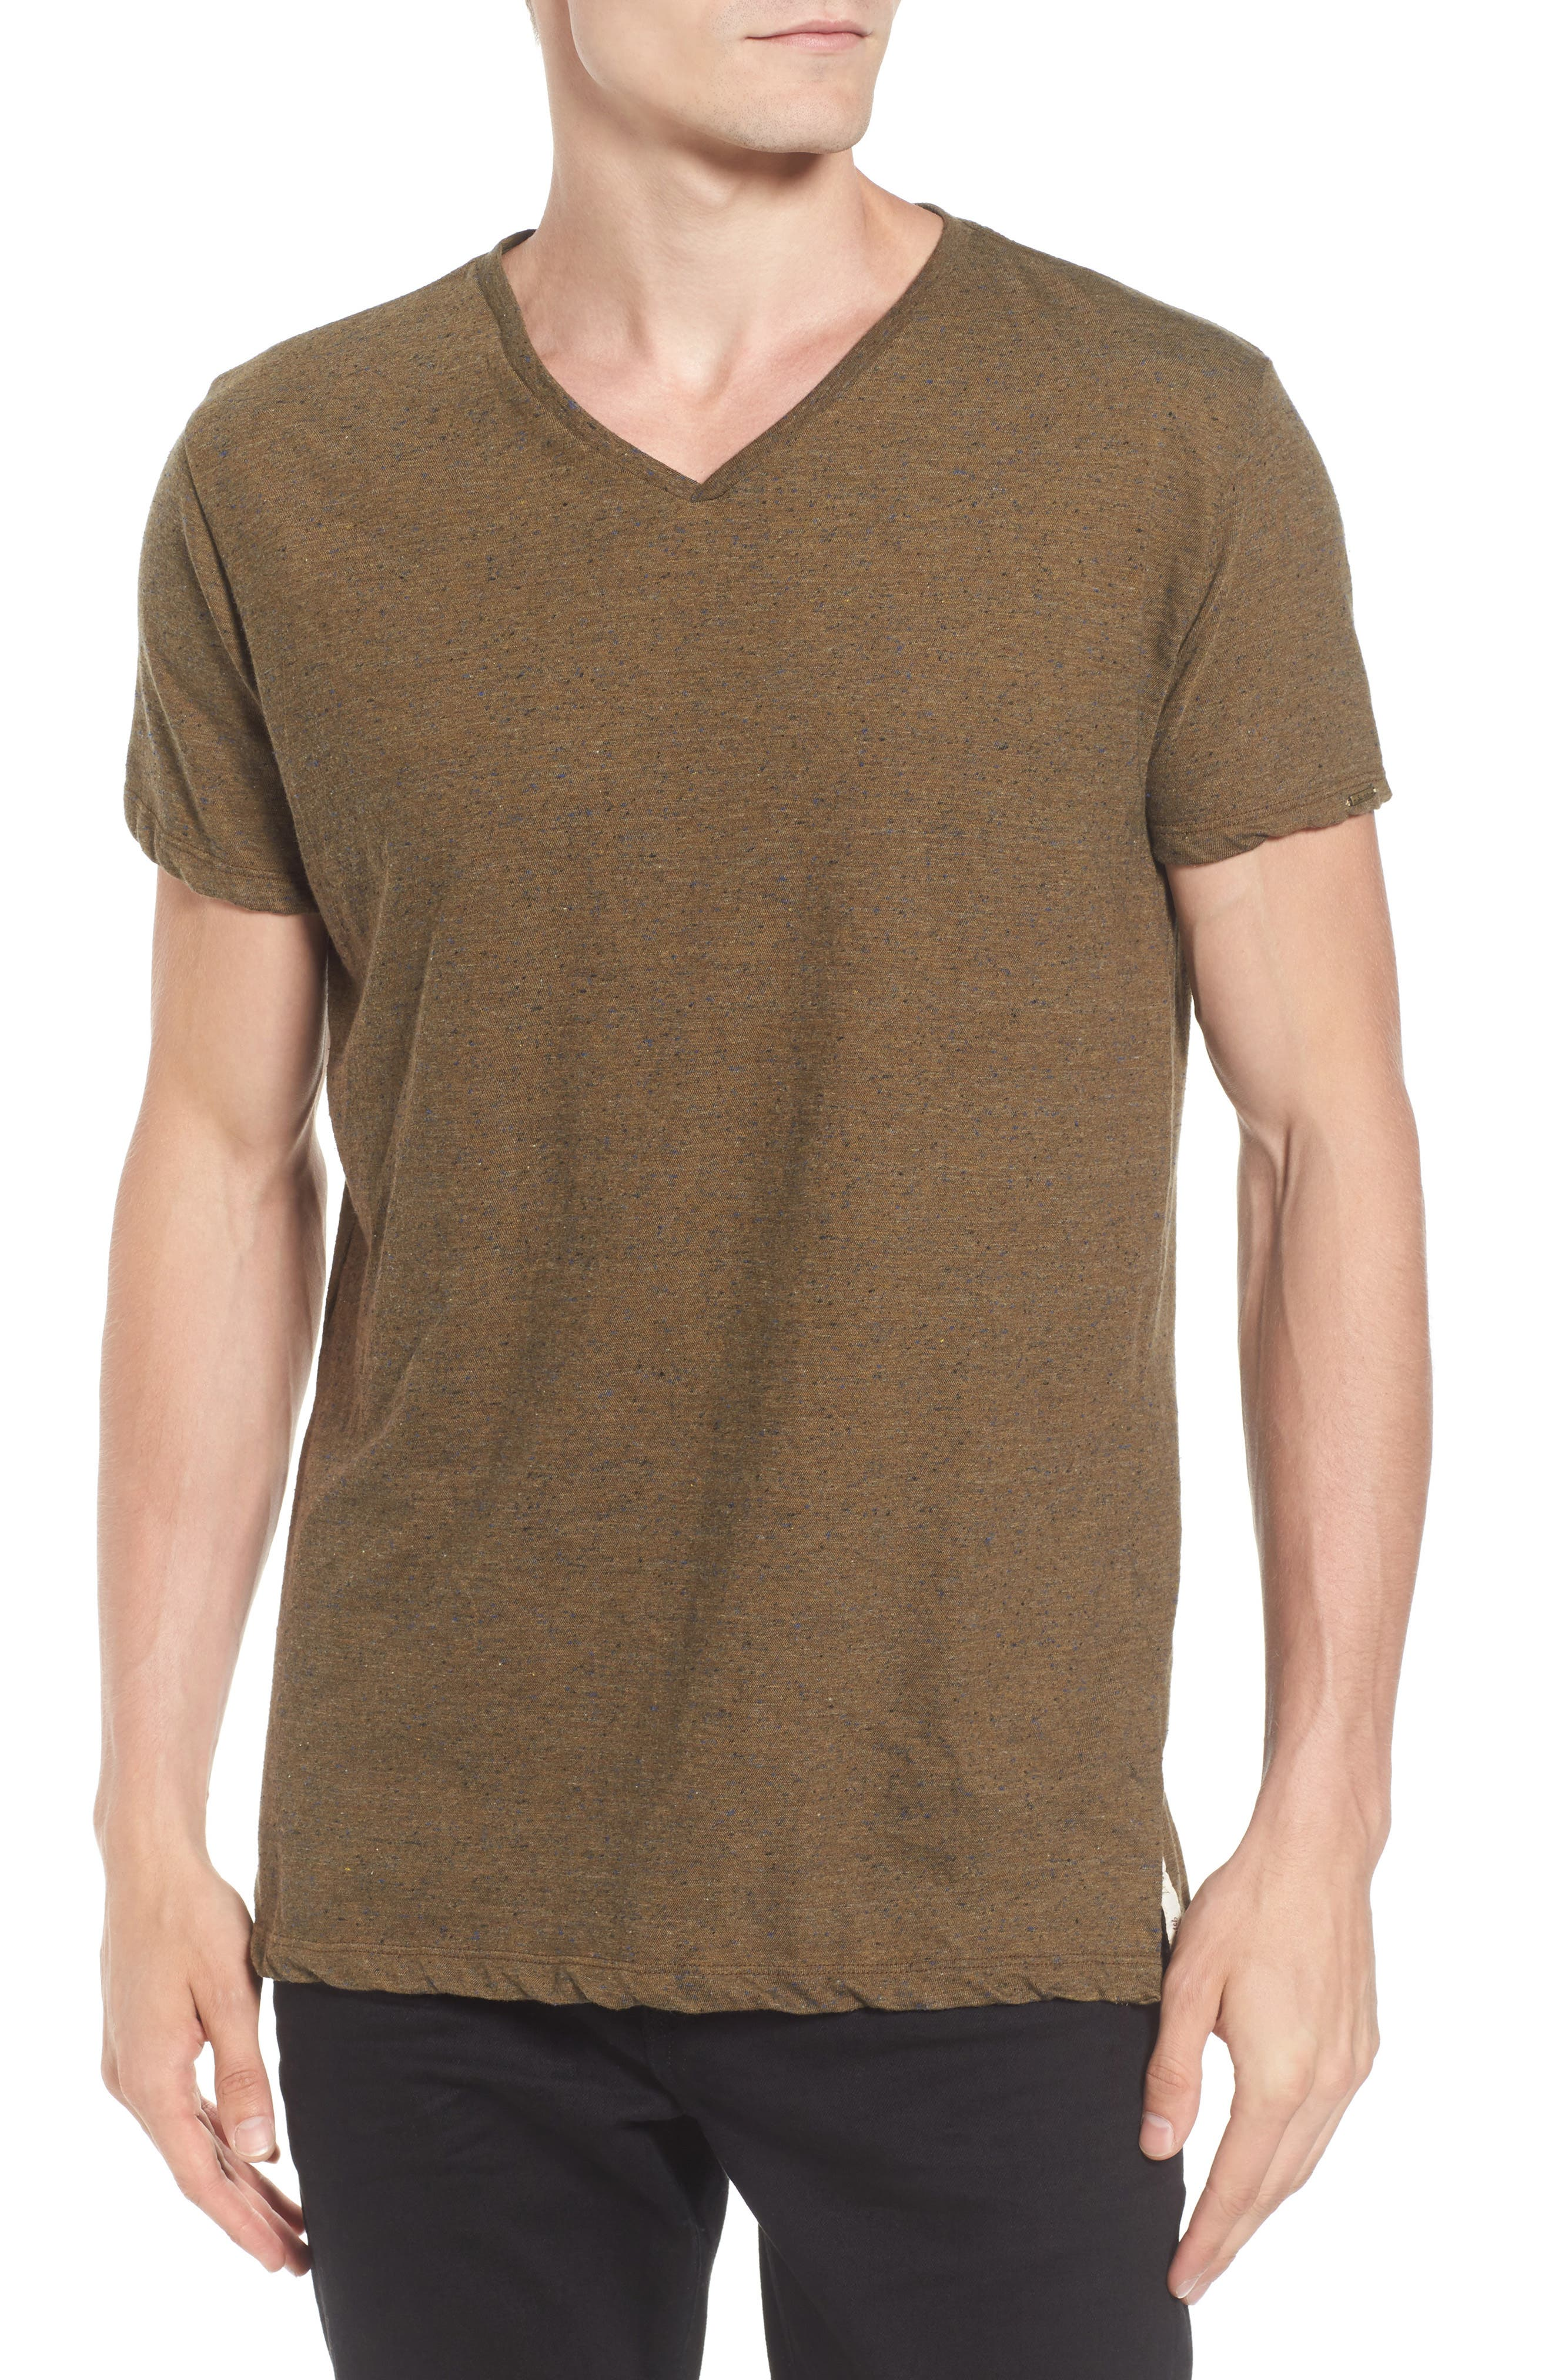 Alternate Image 1 Selected - Scotch & Soda Mélange Jersey T-Shirt